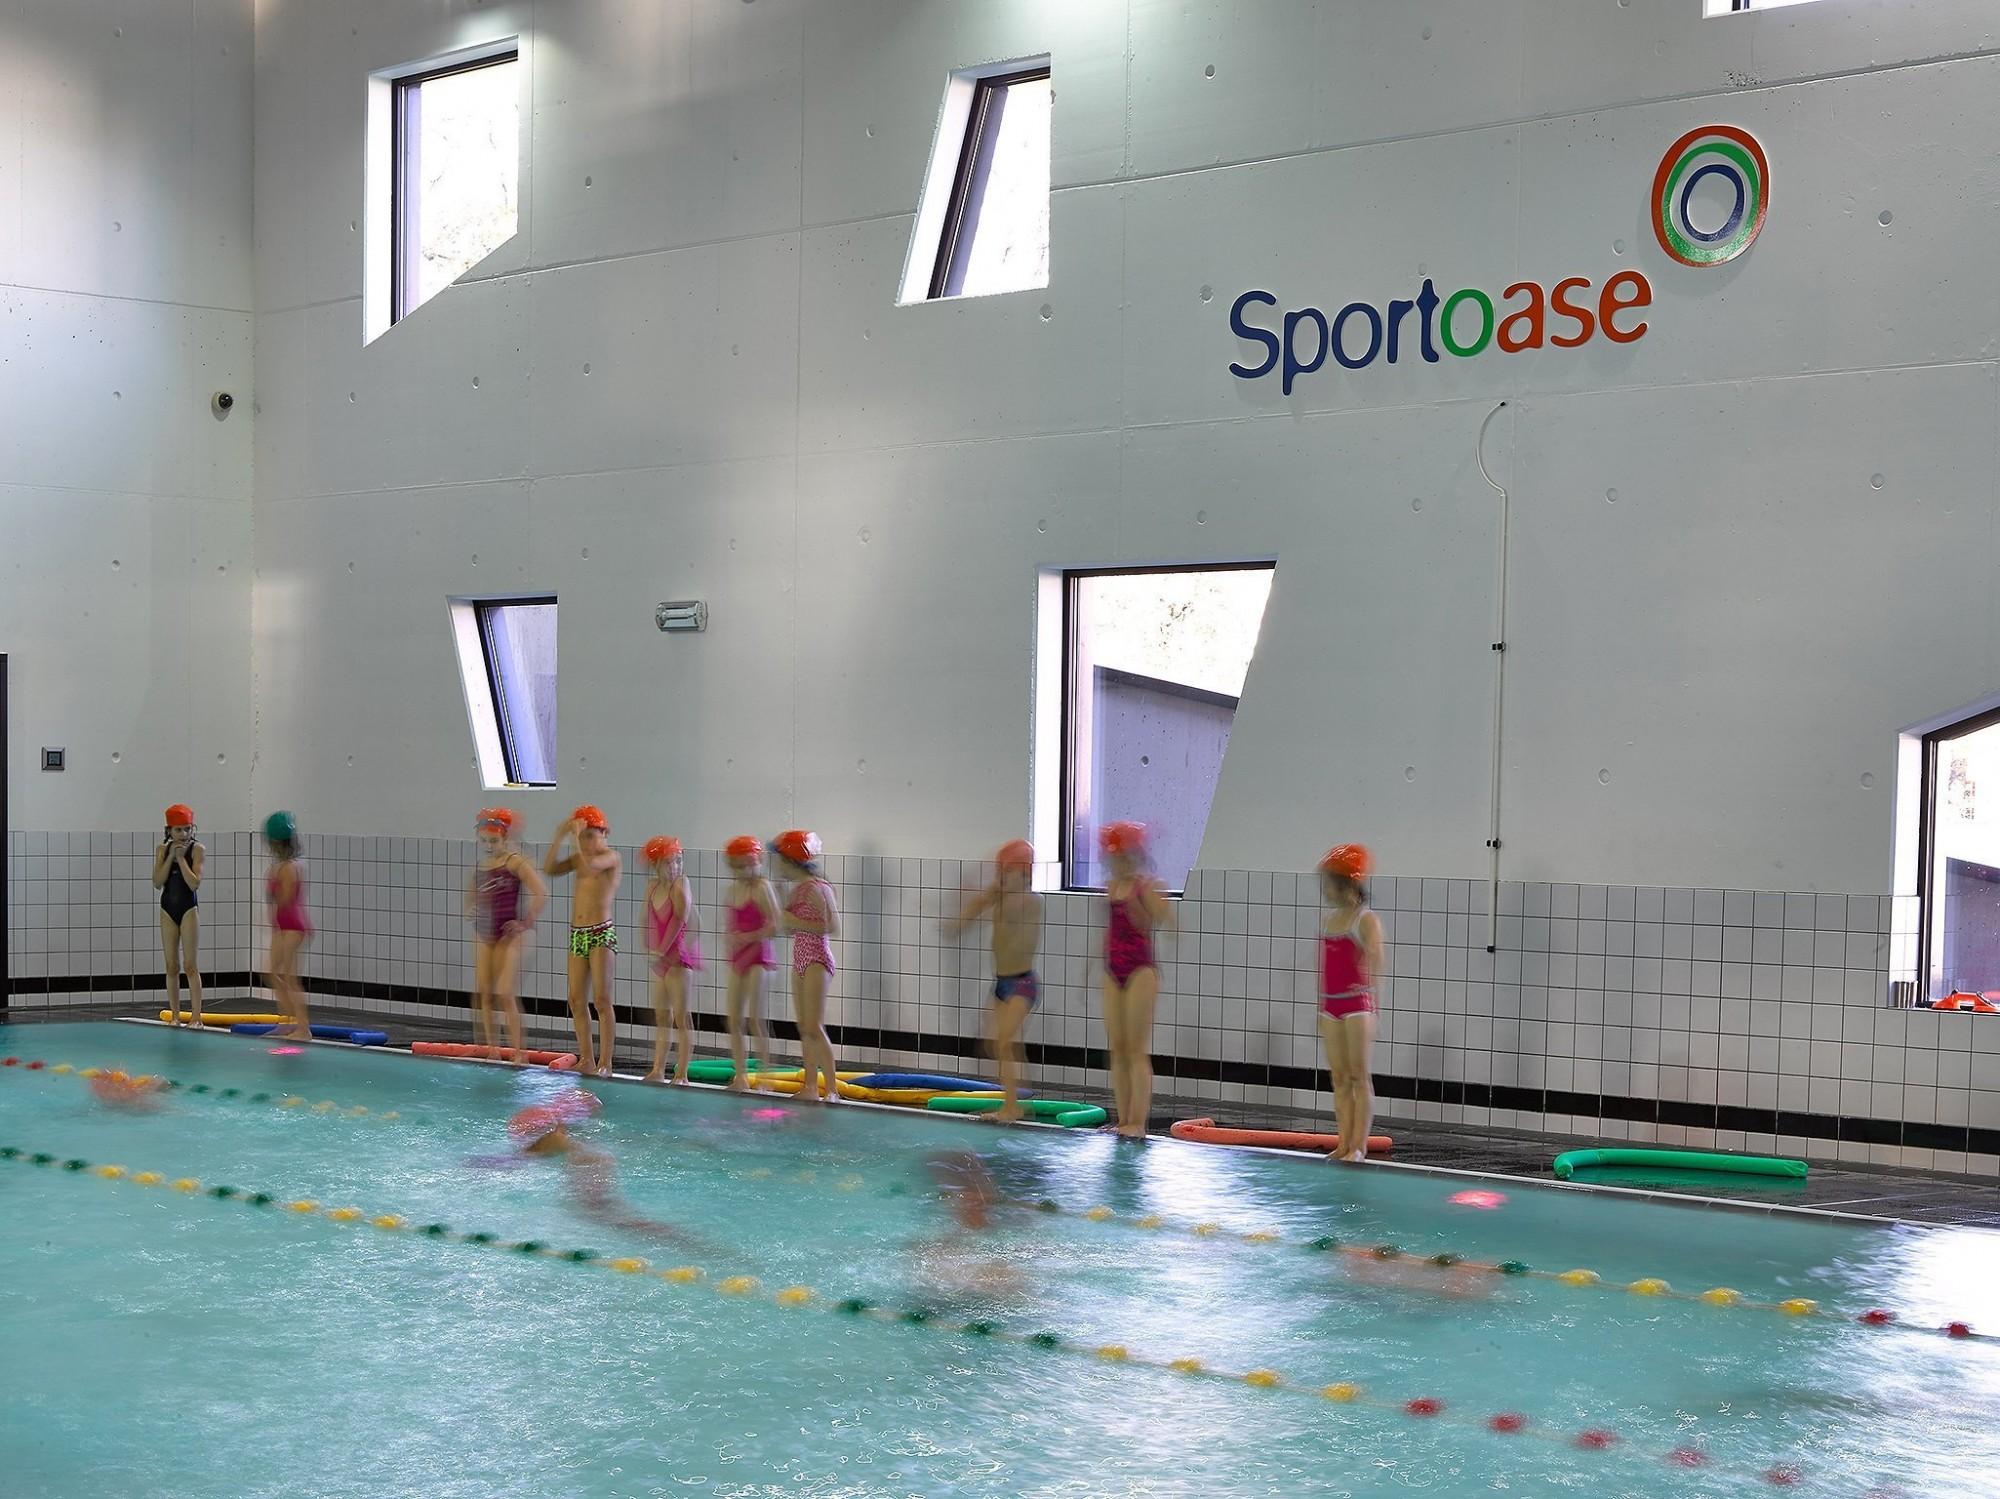 Afbeelding: Interieur fotografie zwembad Sportoase te Beringen, voor Sportoase.